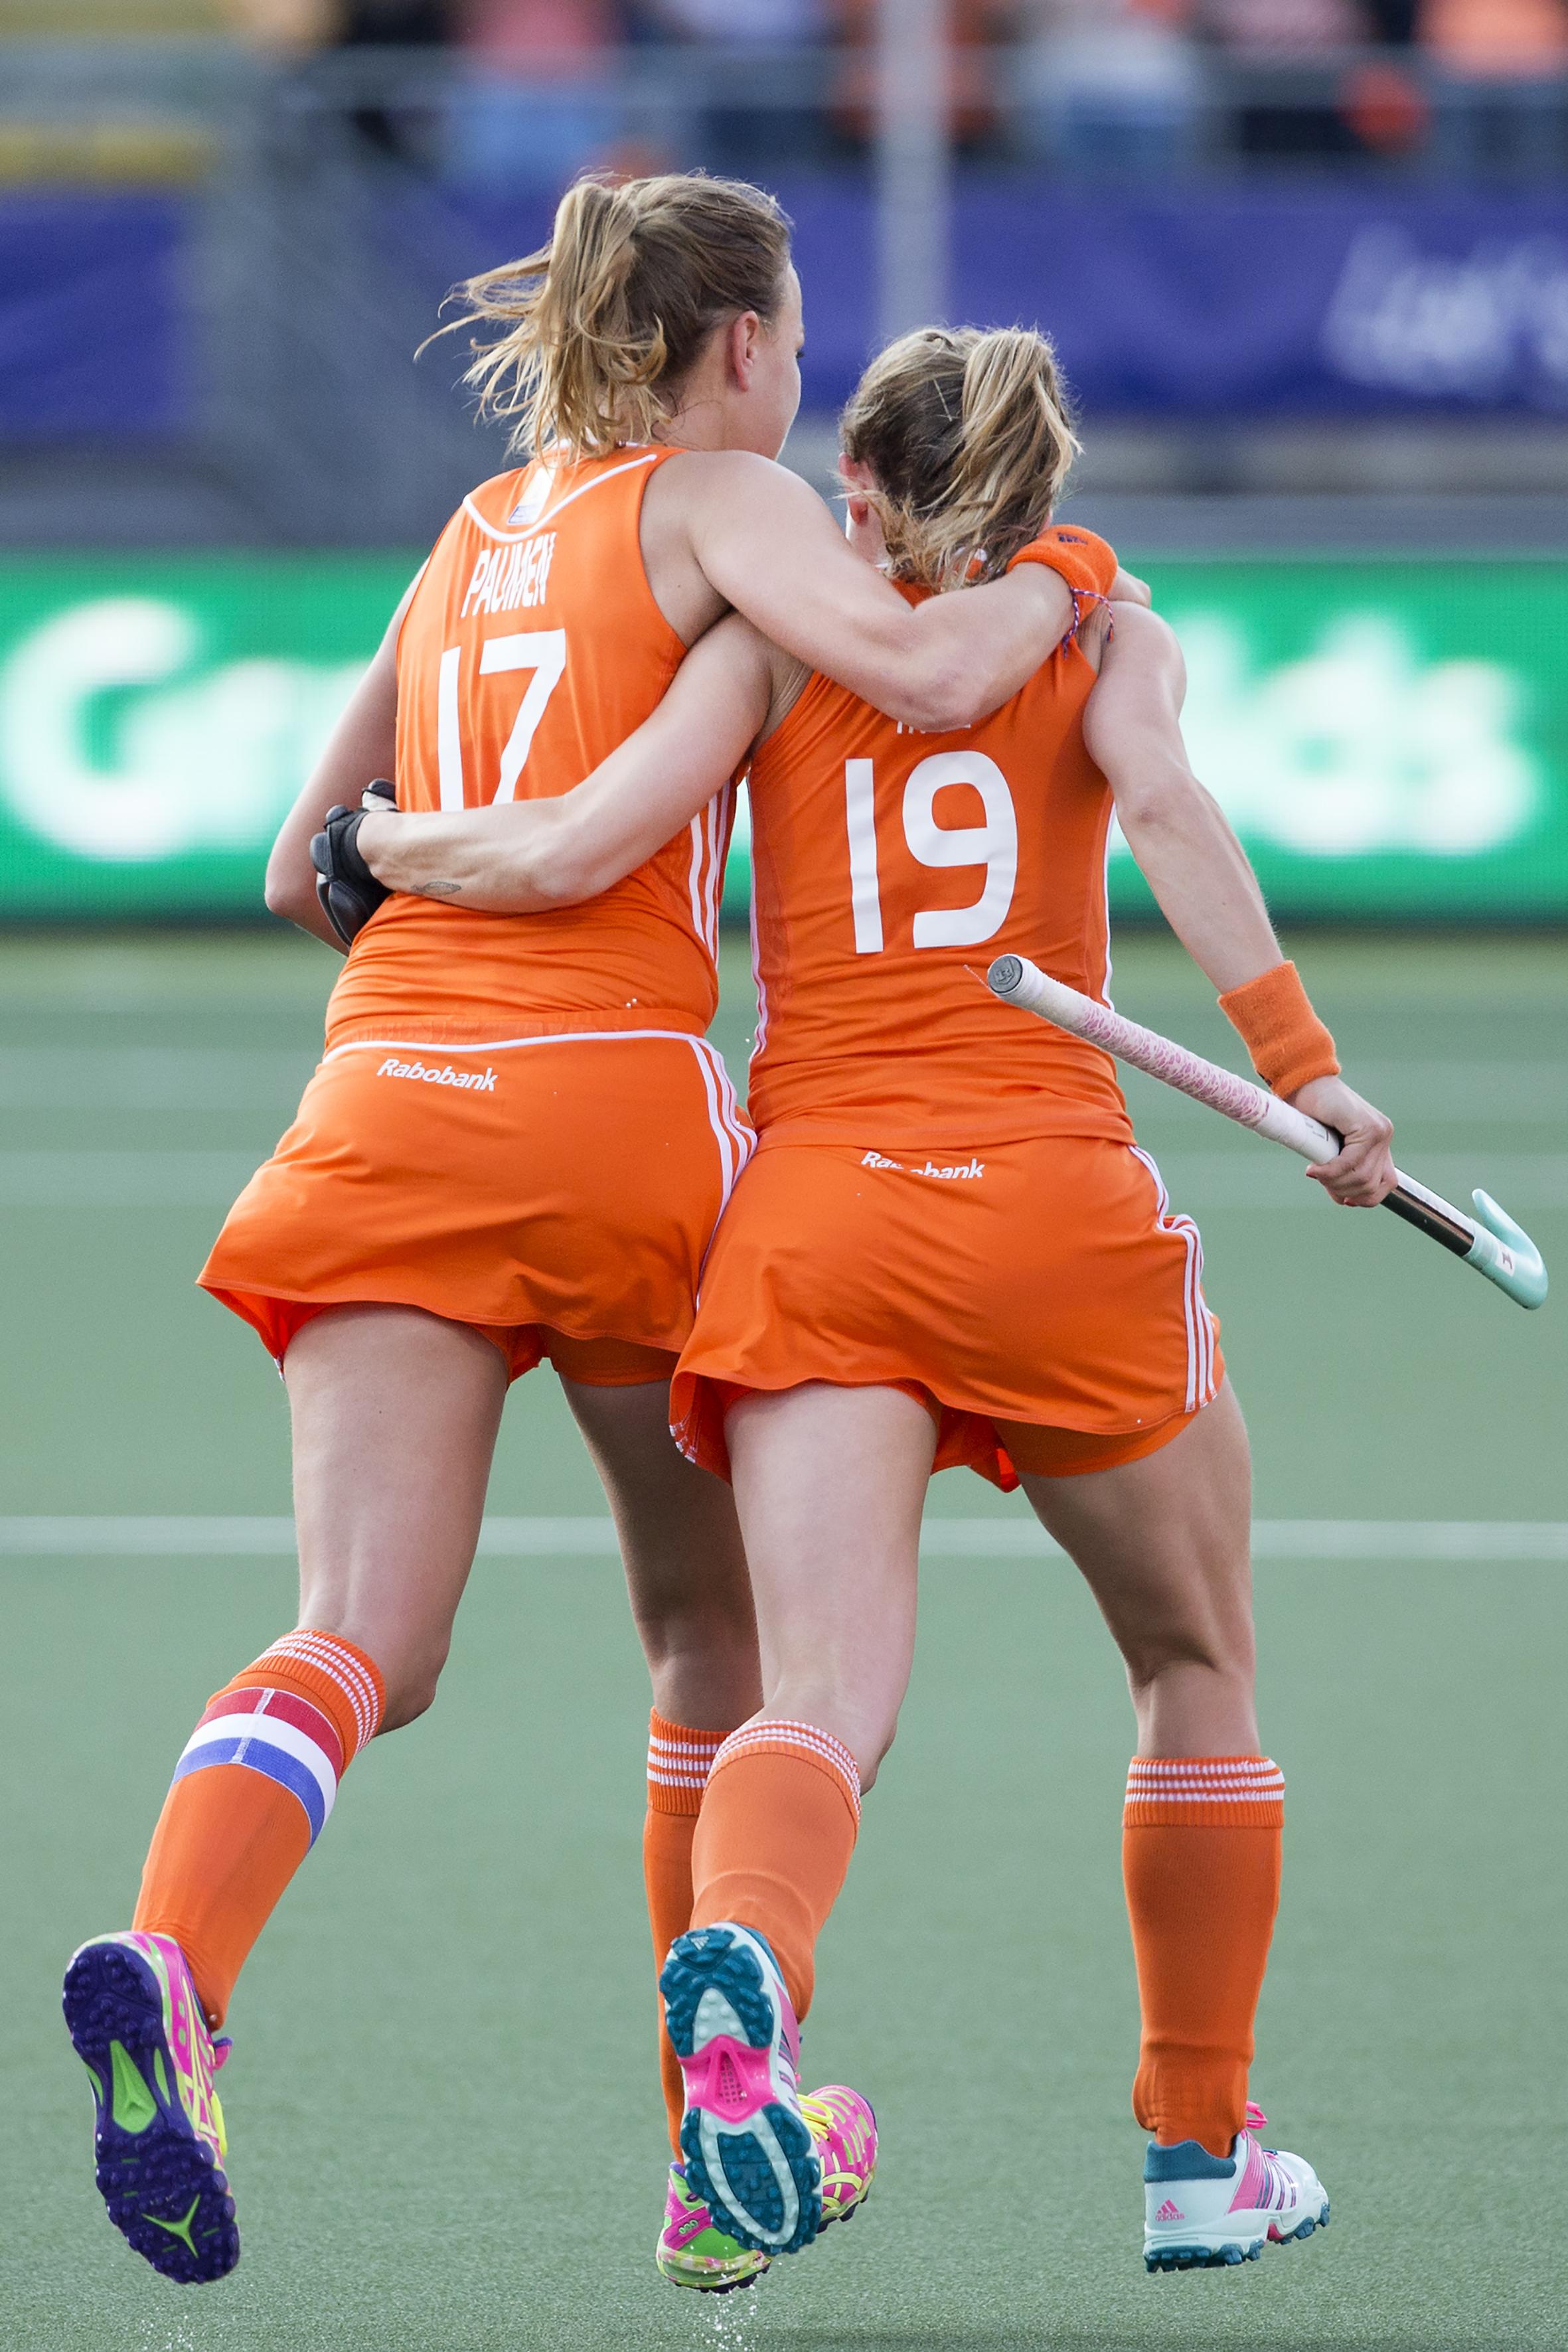 THE HAGUE - Rabobank Hockey World Cup 2014 - 12-06-2014 - WOMEN - SEMI-FINAL THE NETHERLANDS - ARGENTINA 4-0 - Maartje PAUMEN scoort met een strafcorner. Rechts Ellen Hoog. Copyright: Willem Vernes